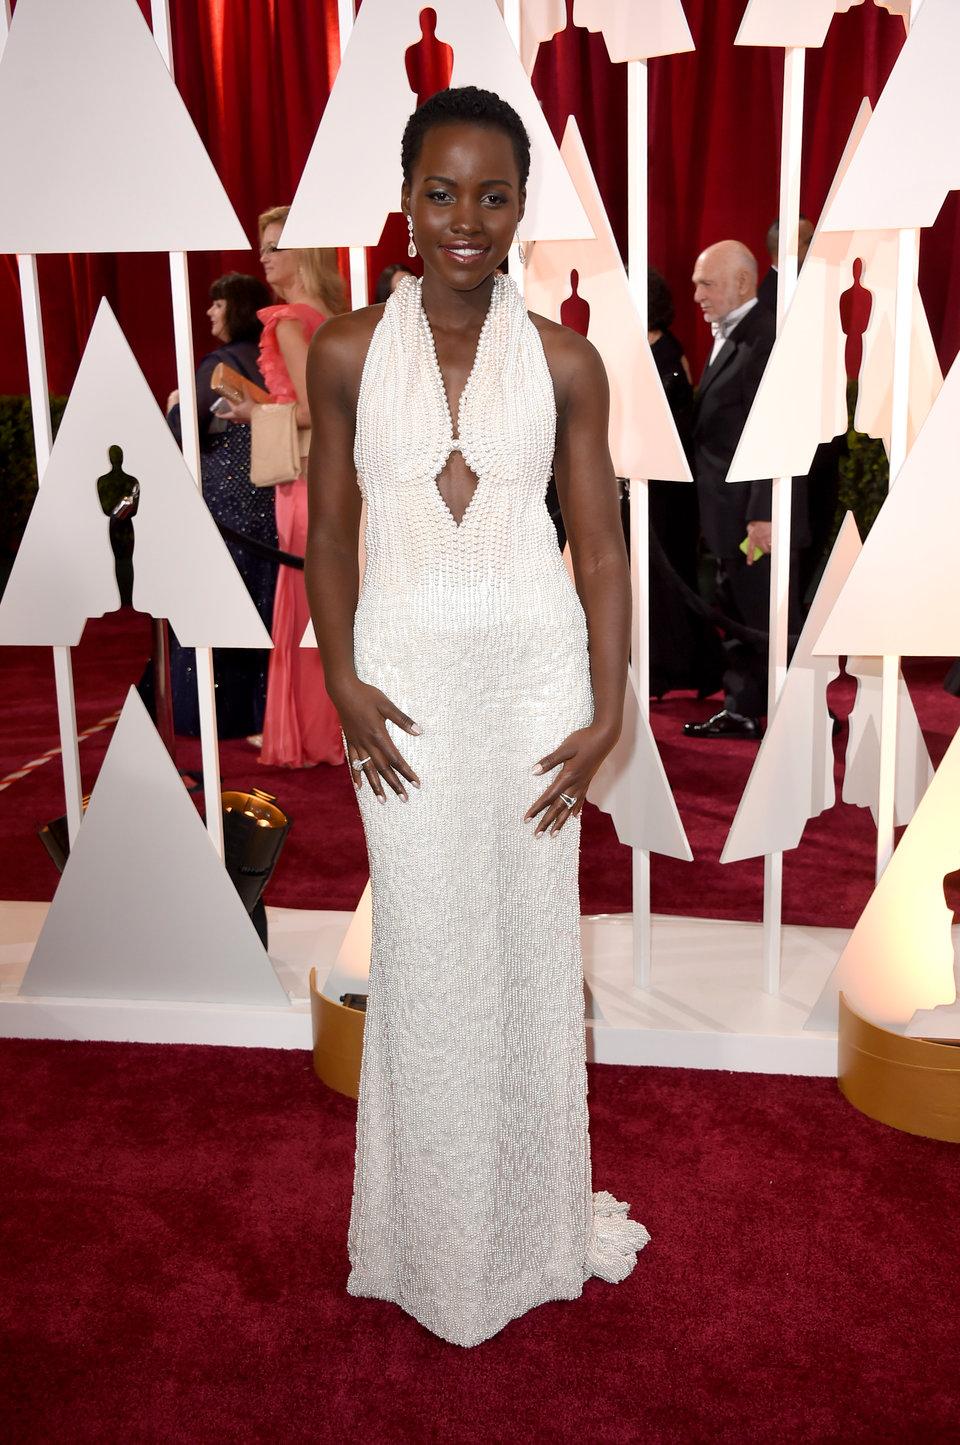 اوسكار 2015 لوبيتا ترتدي فستان ابيض من Calvin Klein